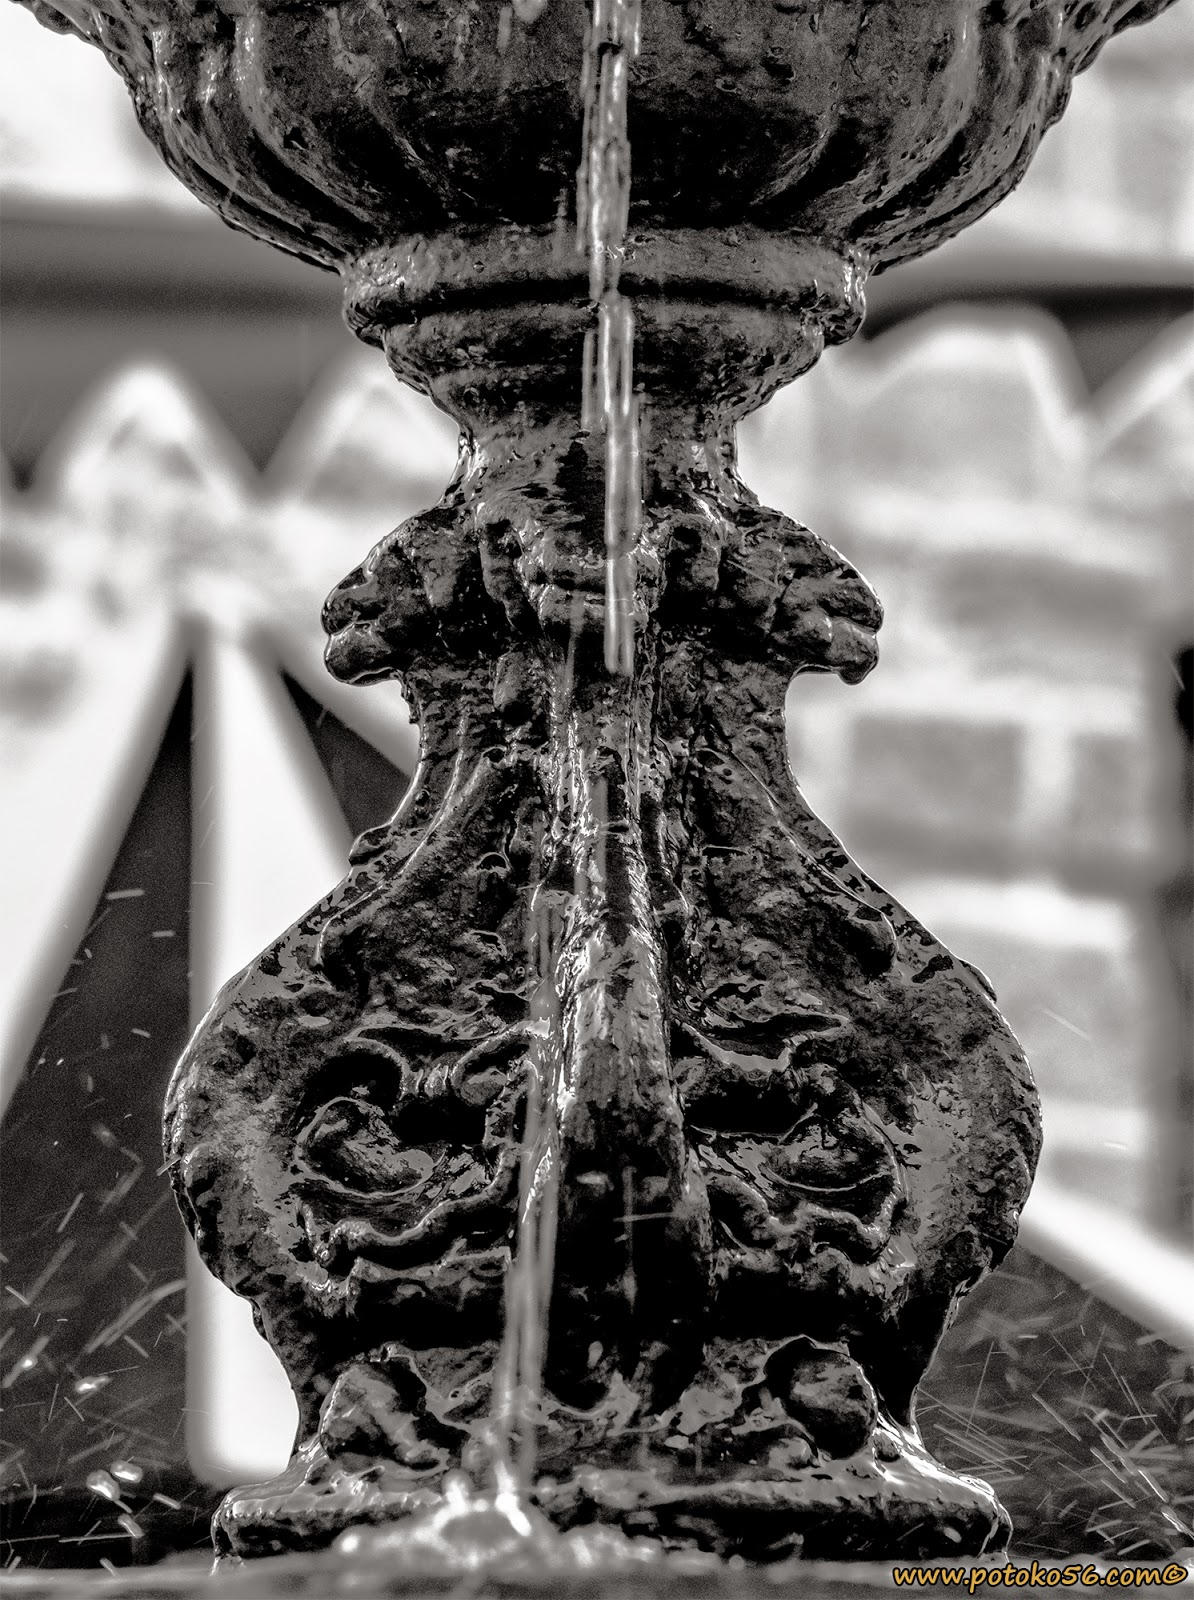 Detalles de la fuente en la Plaza Padre Eugenio Rota